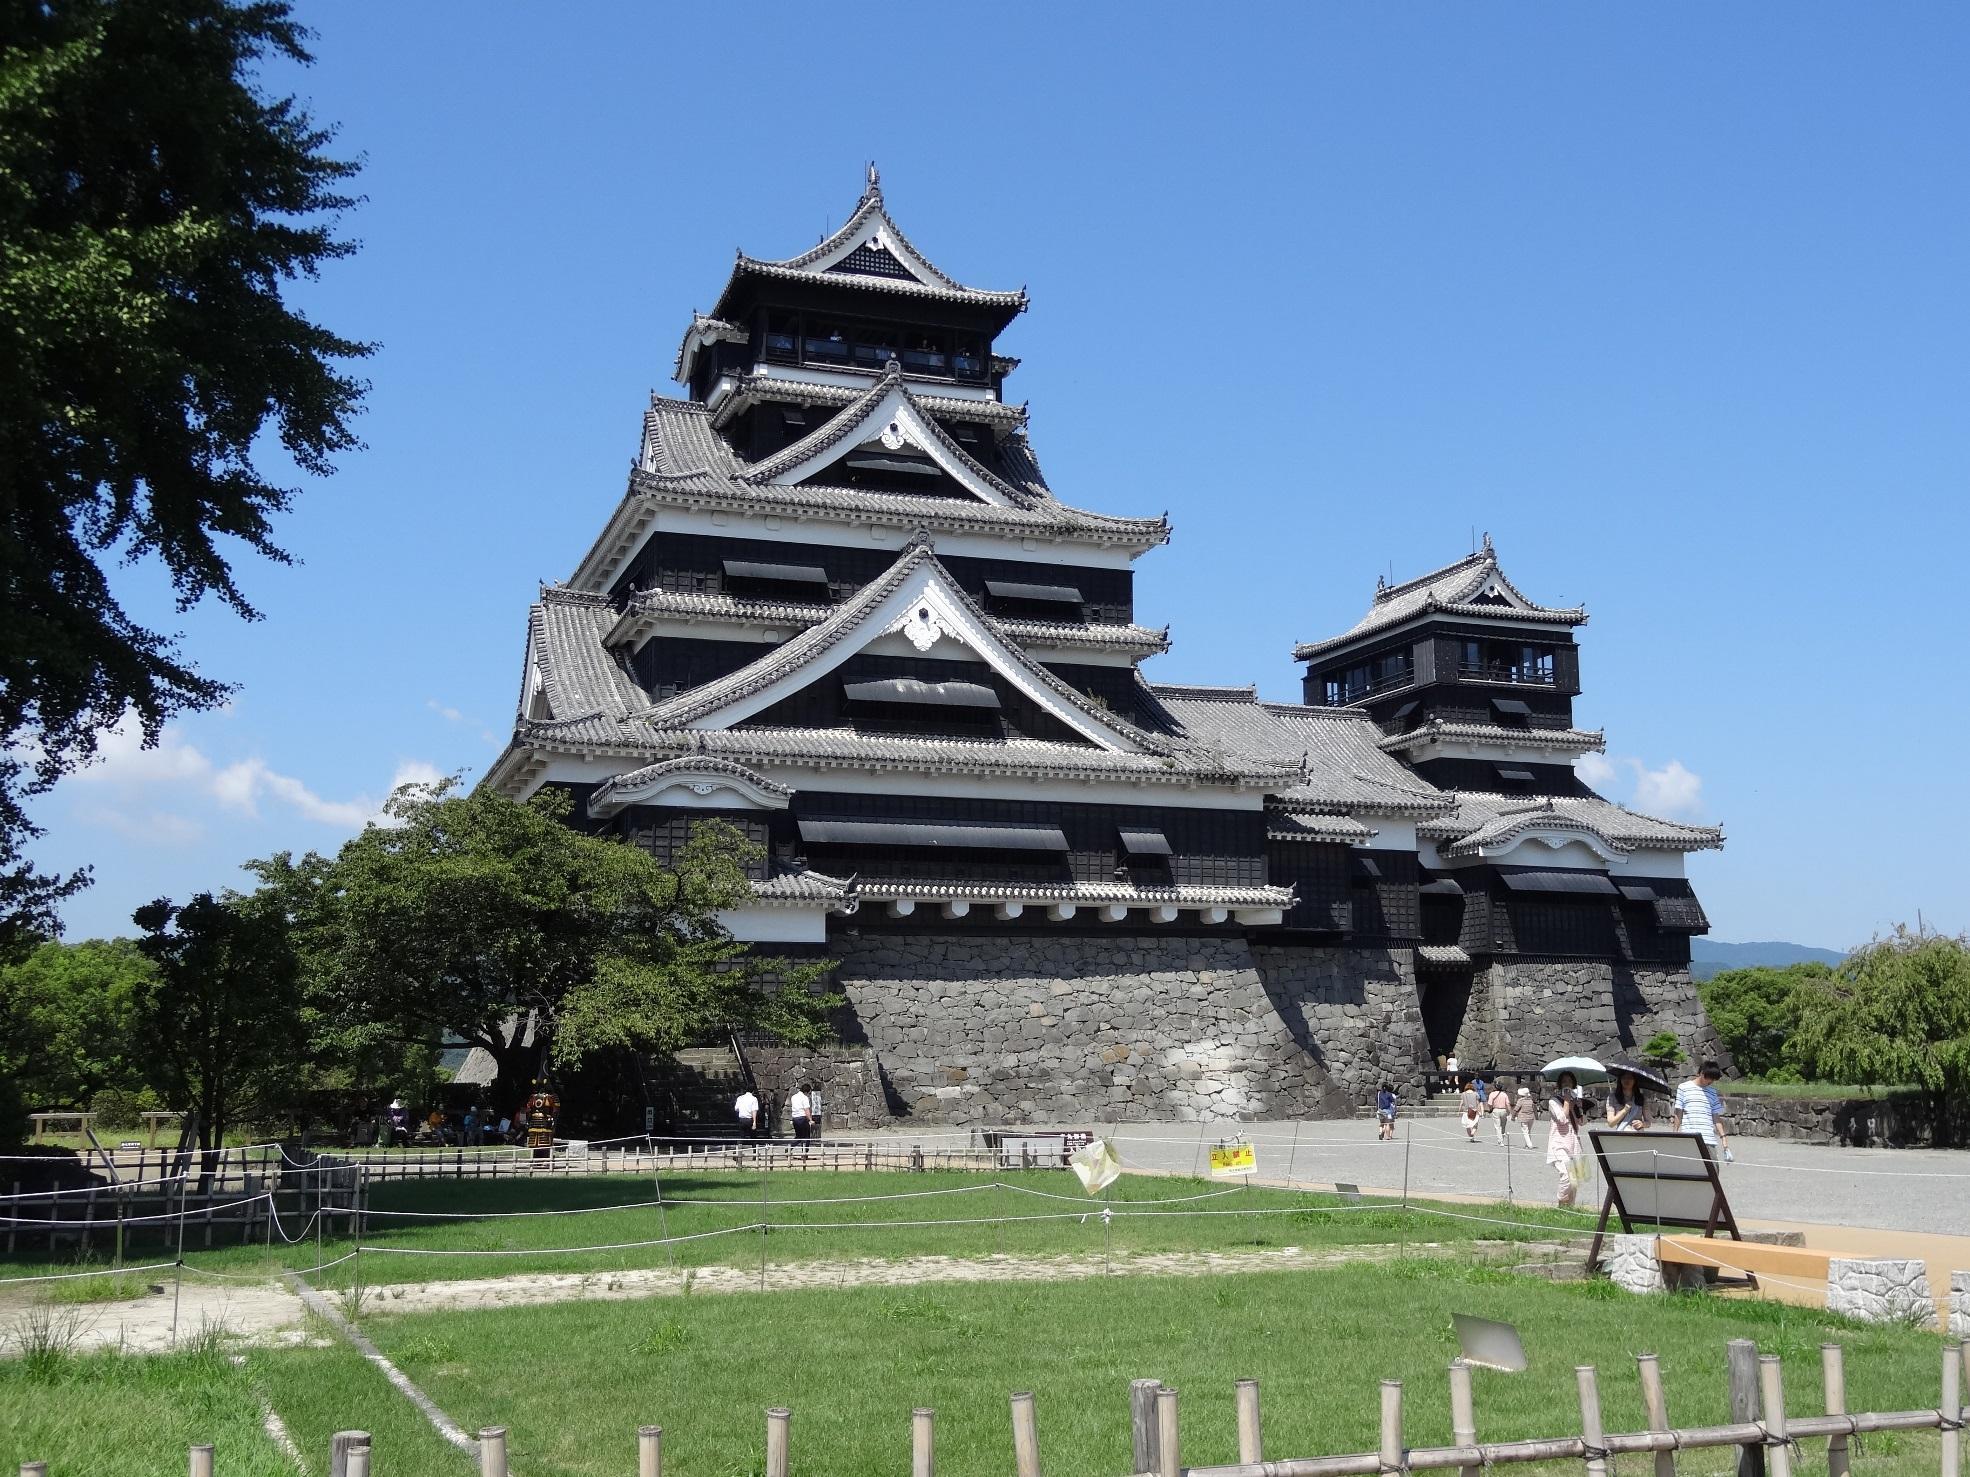 熊本城 | 観光地 | 熊本市観光ガイド